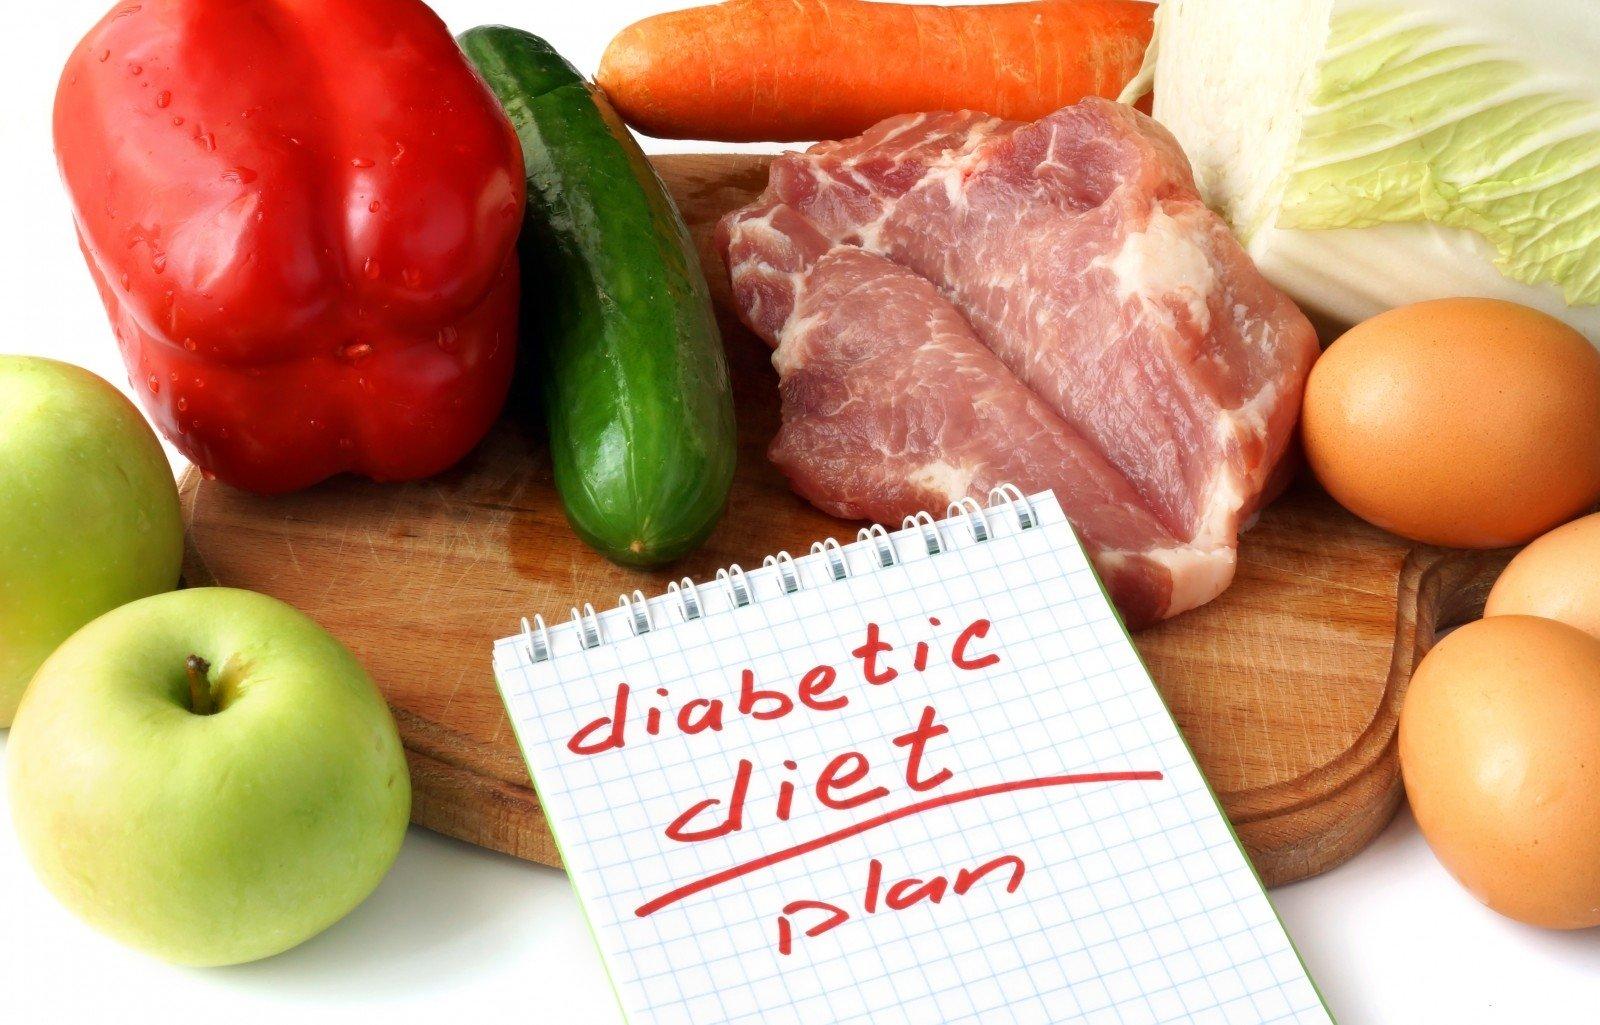 dieta sergant hipertenziniu diabetu)